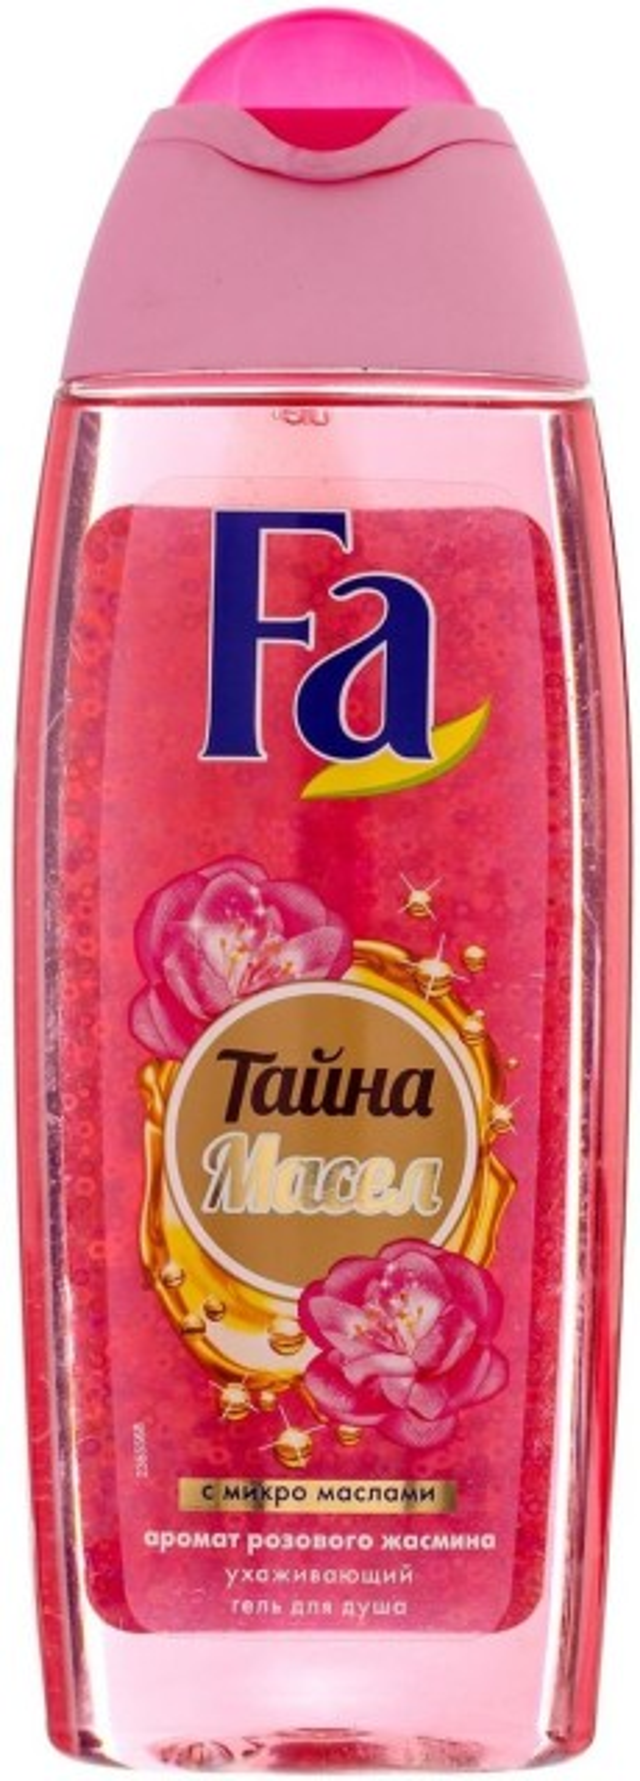 Фа гель для душа Розовый жасмин 250мл купить в Москве по цене от 0 рублей